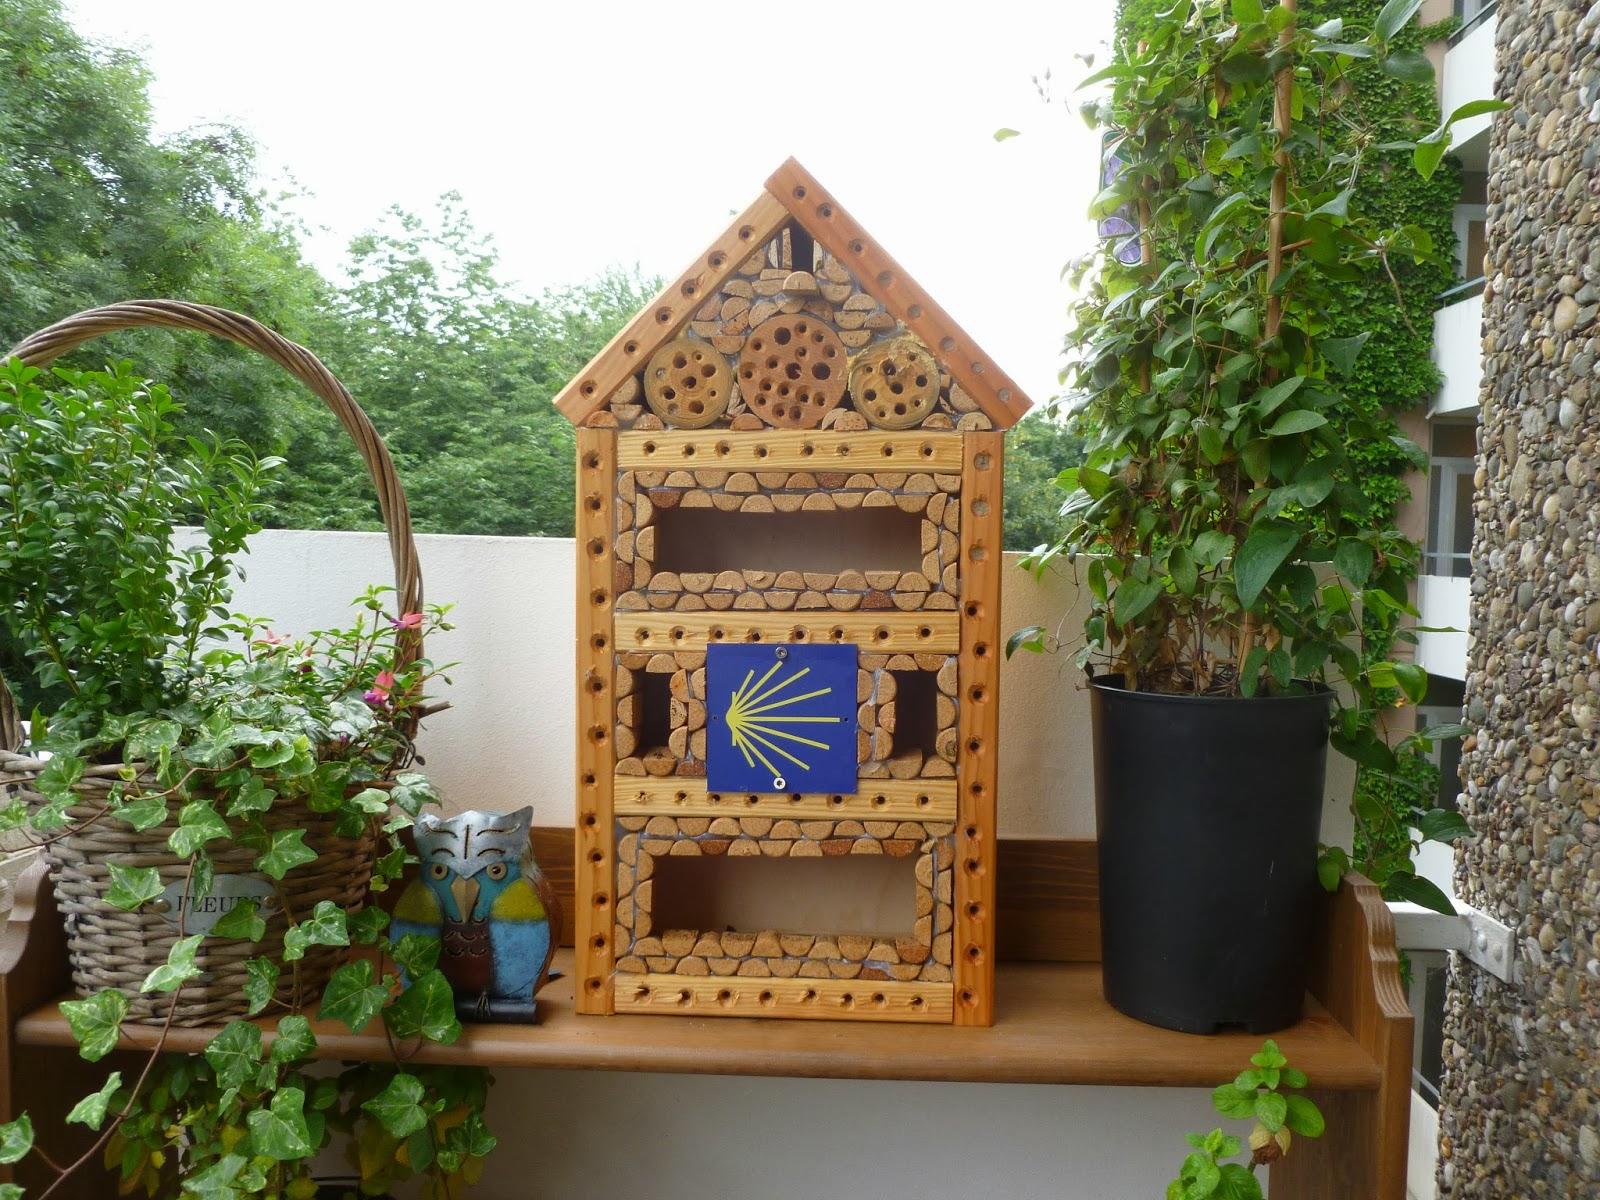 kombination von wegmarkierungen und artenschutz bauplan insektenhotel. Black Bedroom Furniture Sets. Home Design Ideas